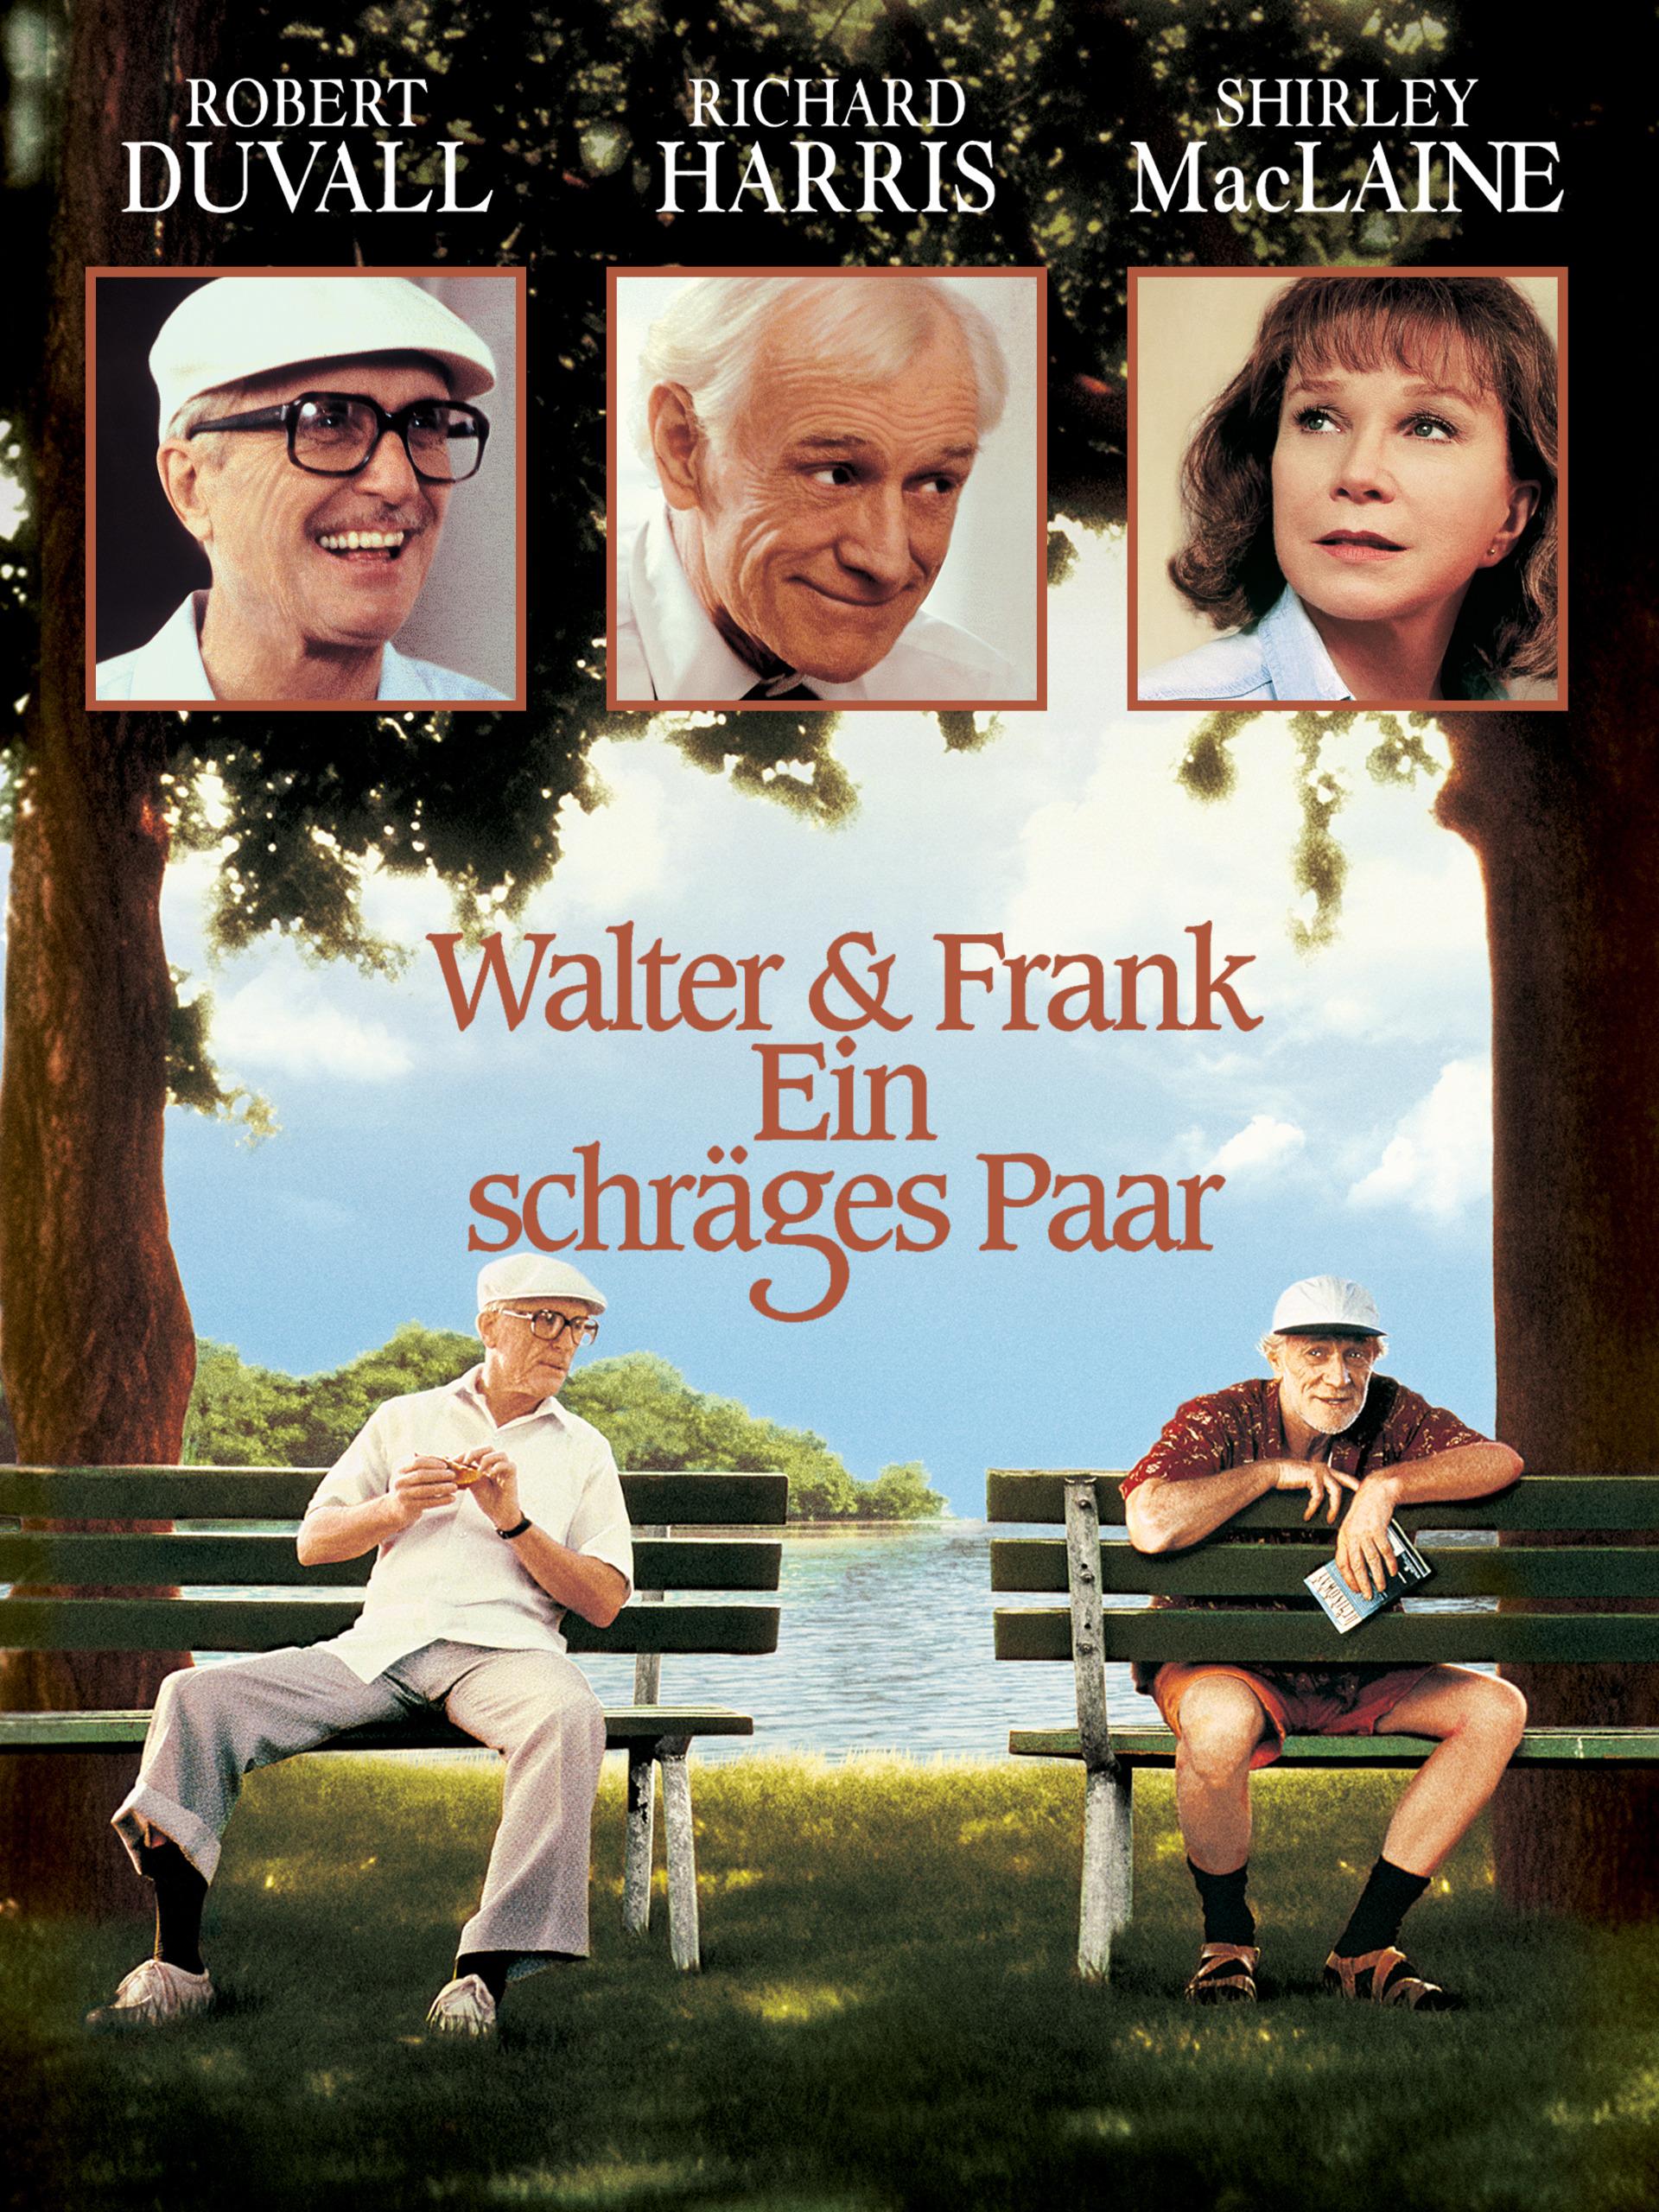 Walter & Frank: Ein schräges Paar